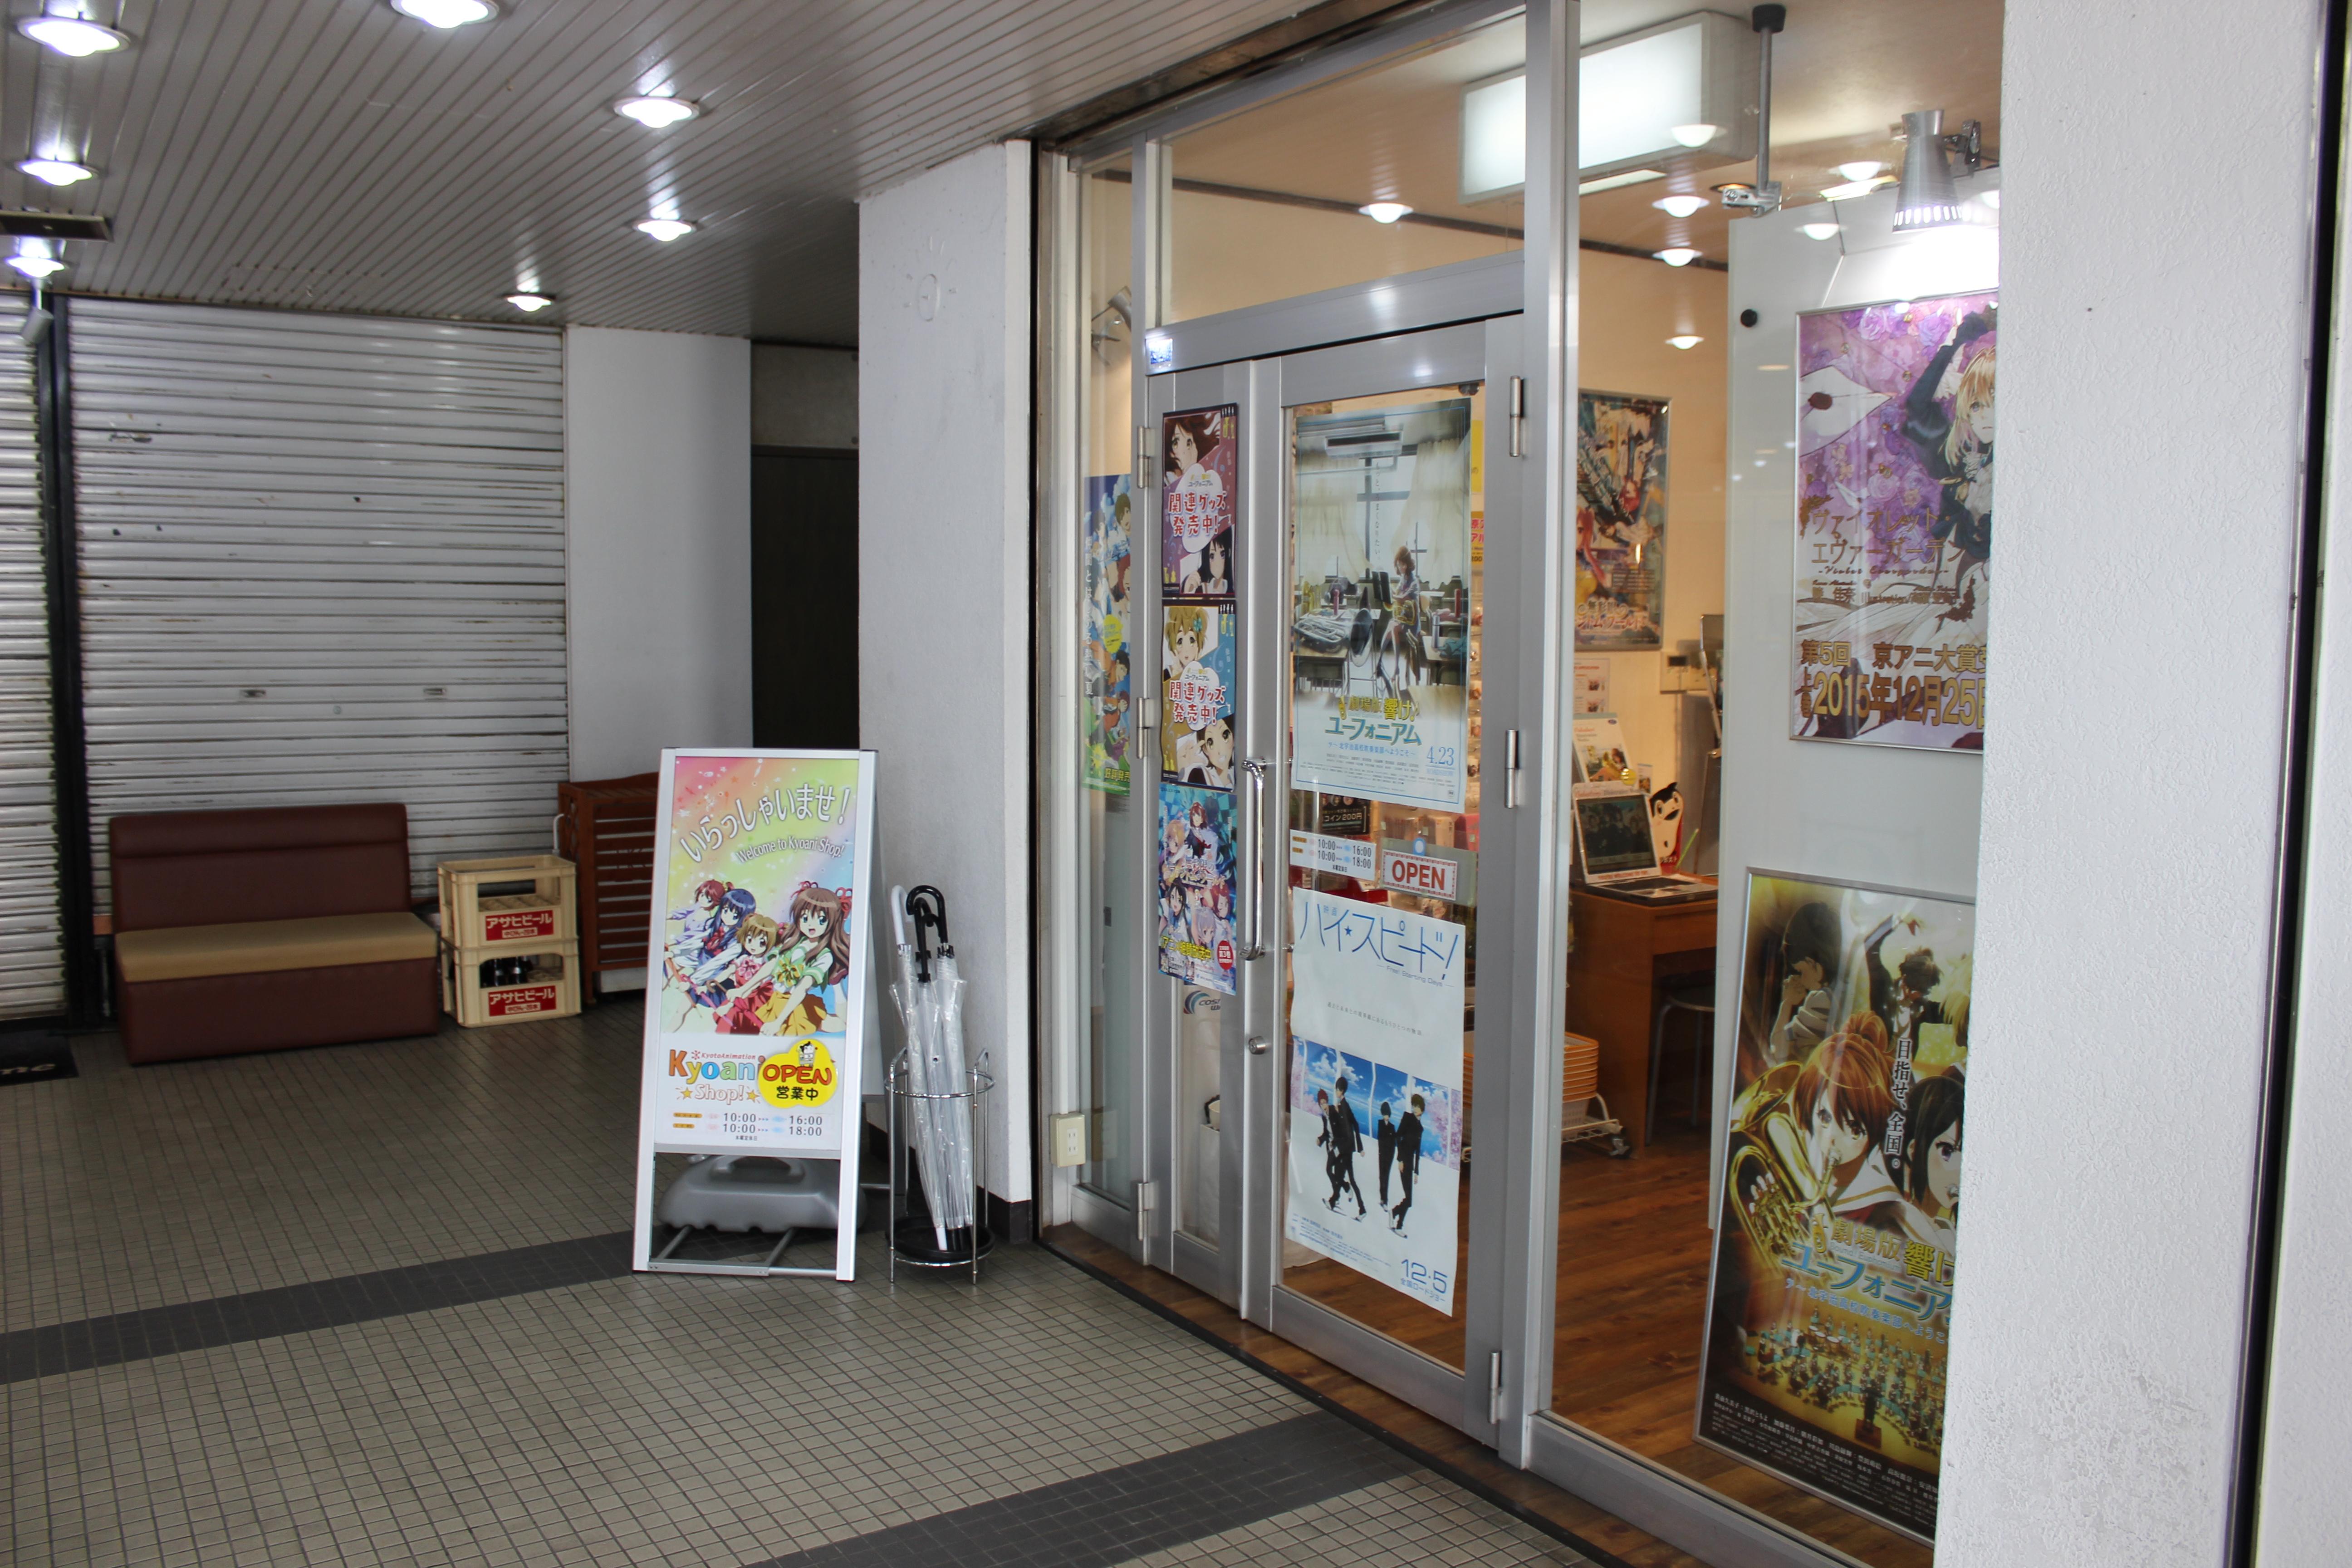 KyoAni shop front door